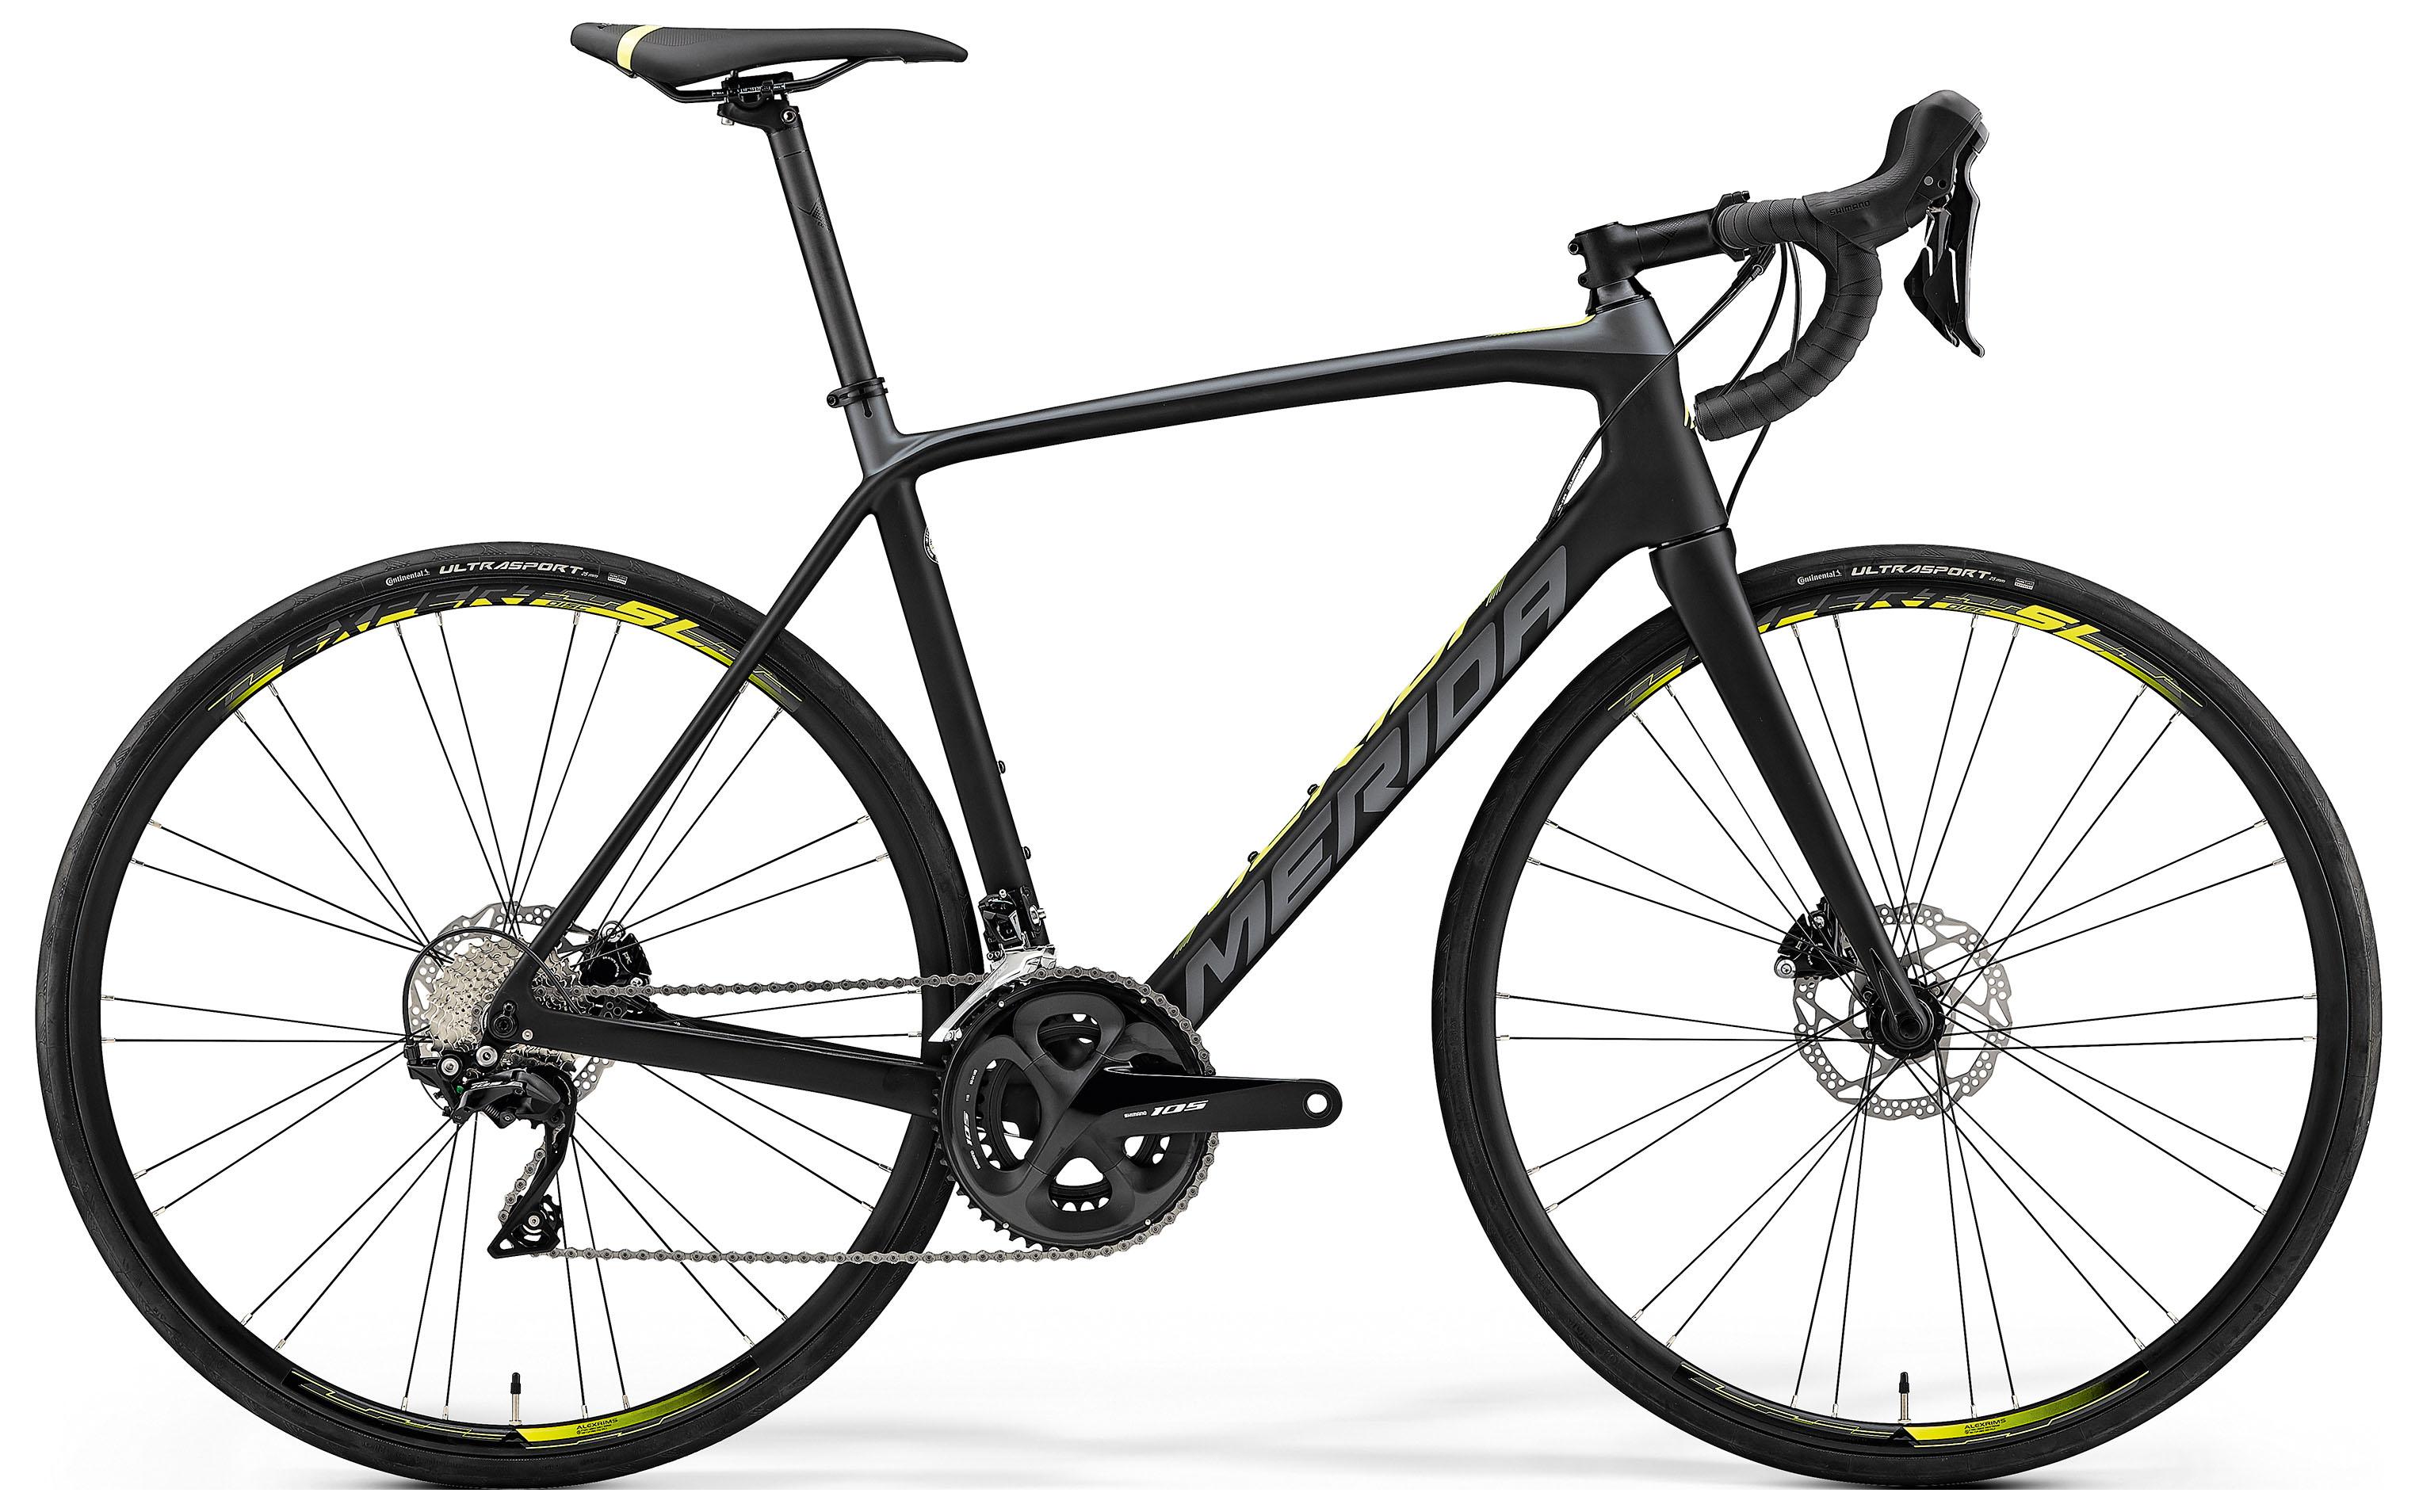 Велосипед Merida Scultura Disc 4000 2019 велосипед merida scultura limited 2019